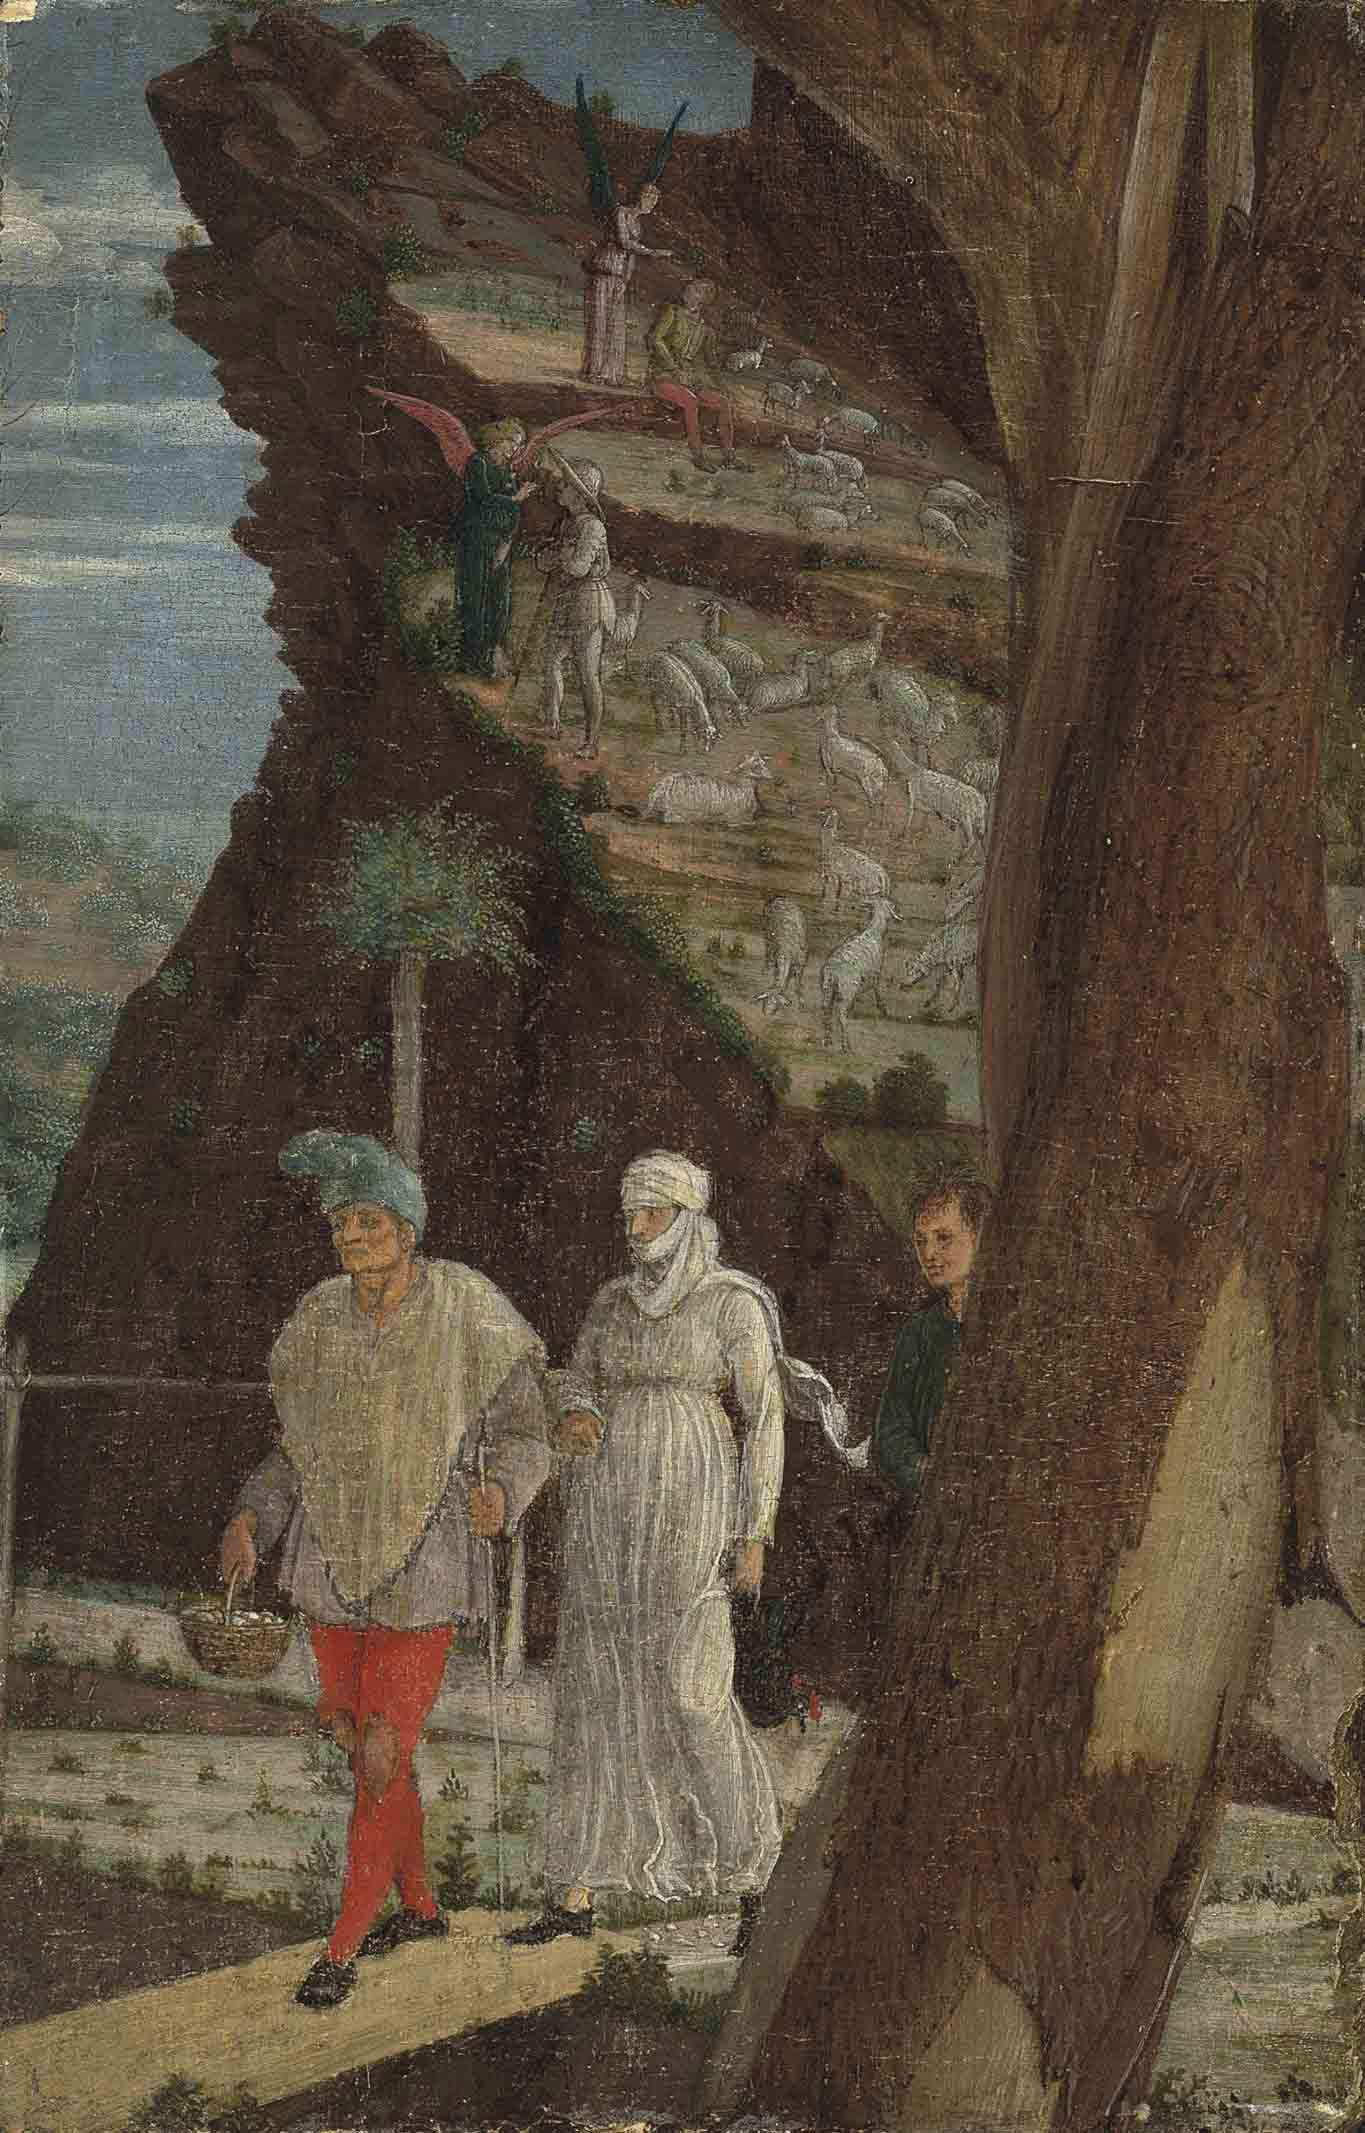 Workshop of Andrea Mantegna (I